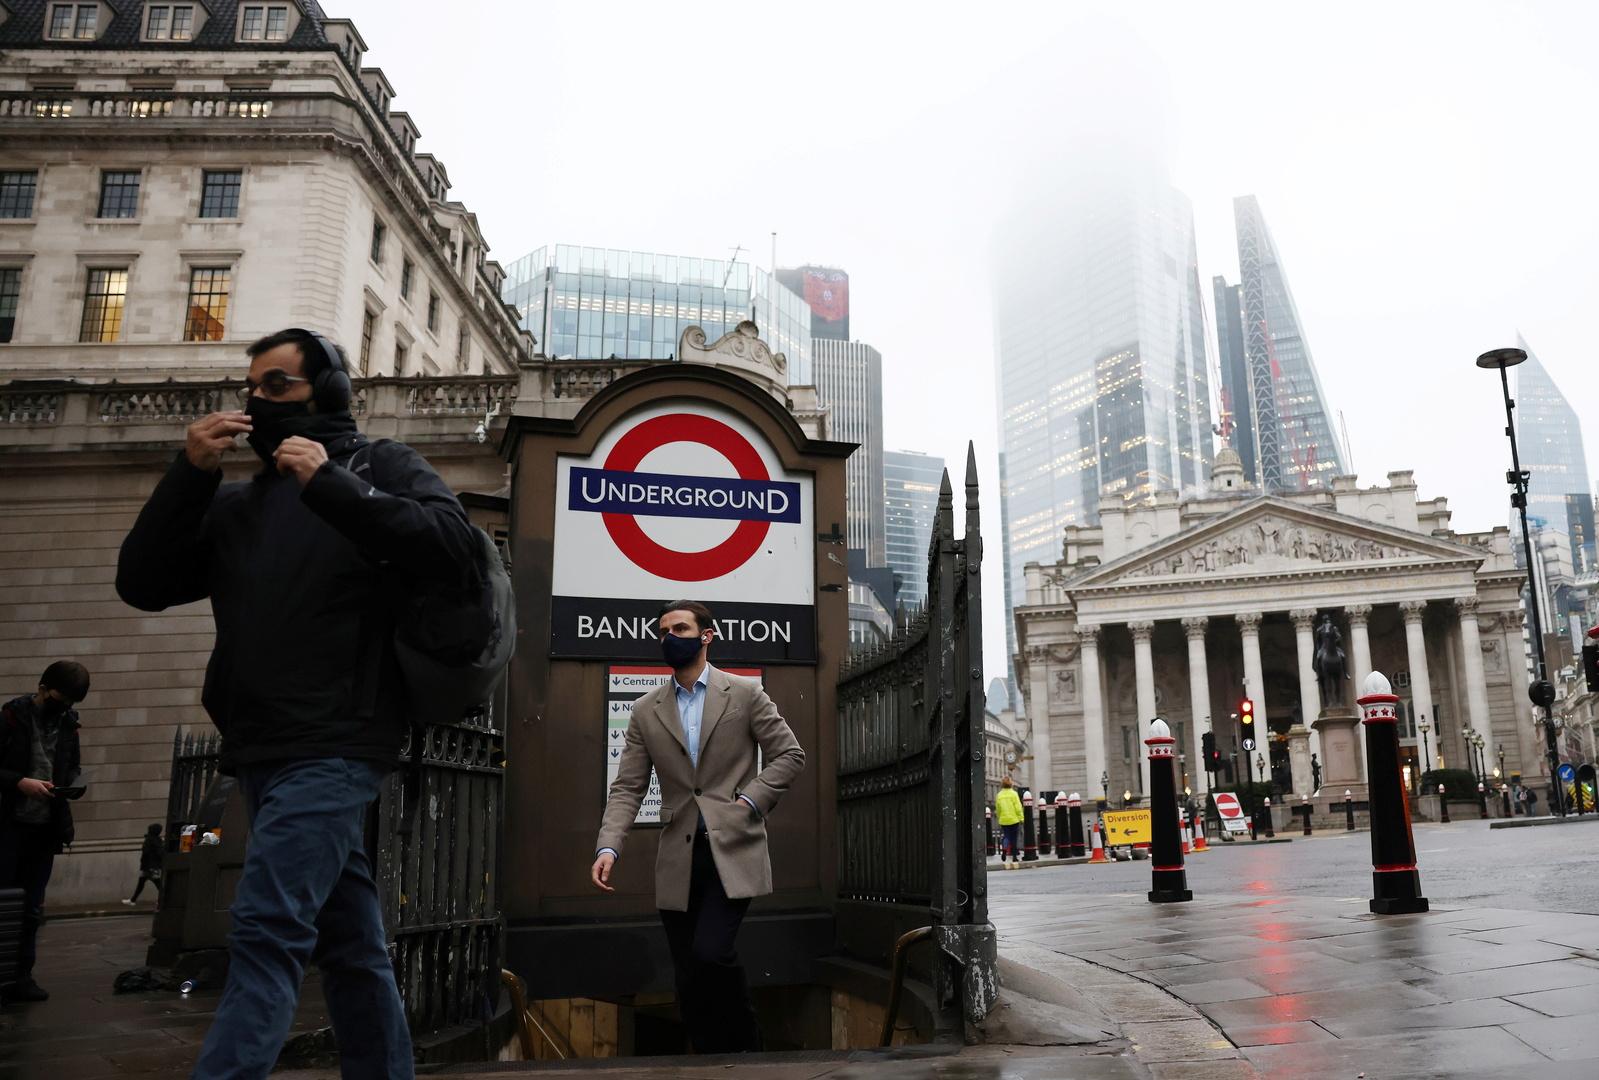 السلطات البريطانية تخطط لتخفيف القيود المفروضة بسبب كورونا